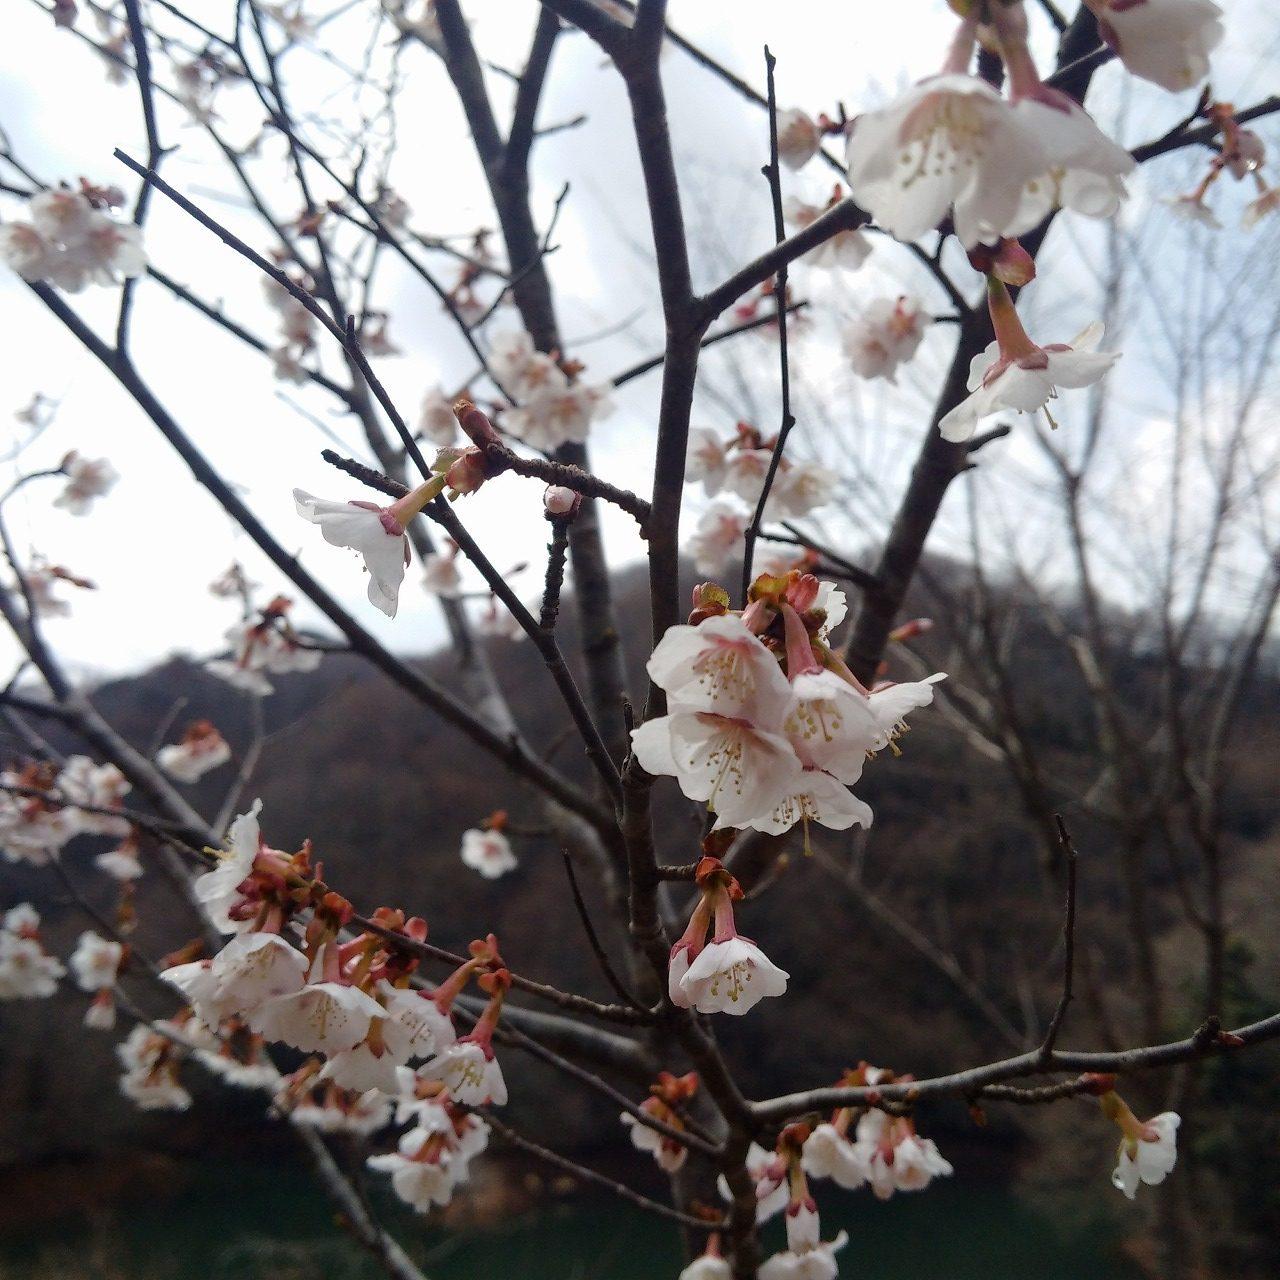 間垣(まがき)を作っていたらいつの間にか奥能登にも桜の季節がやってきた